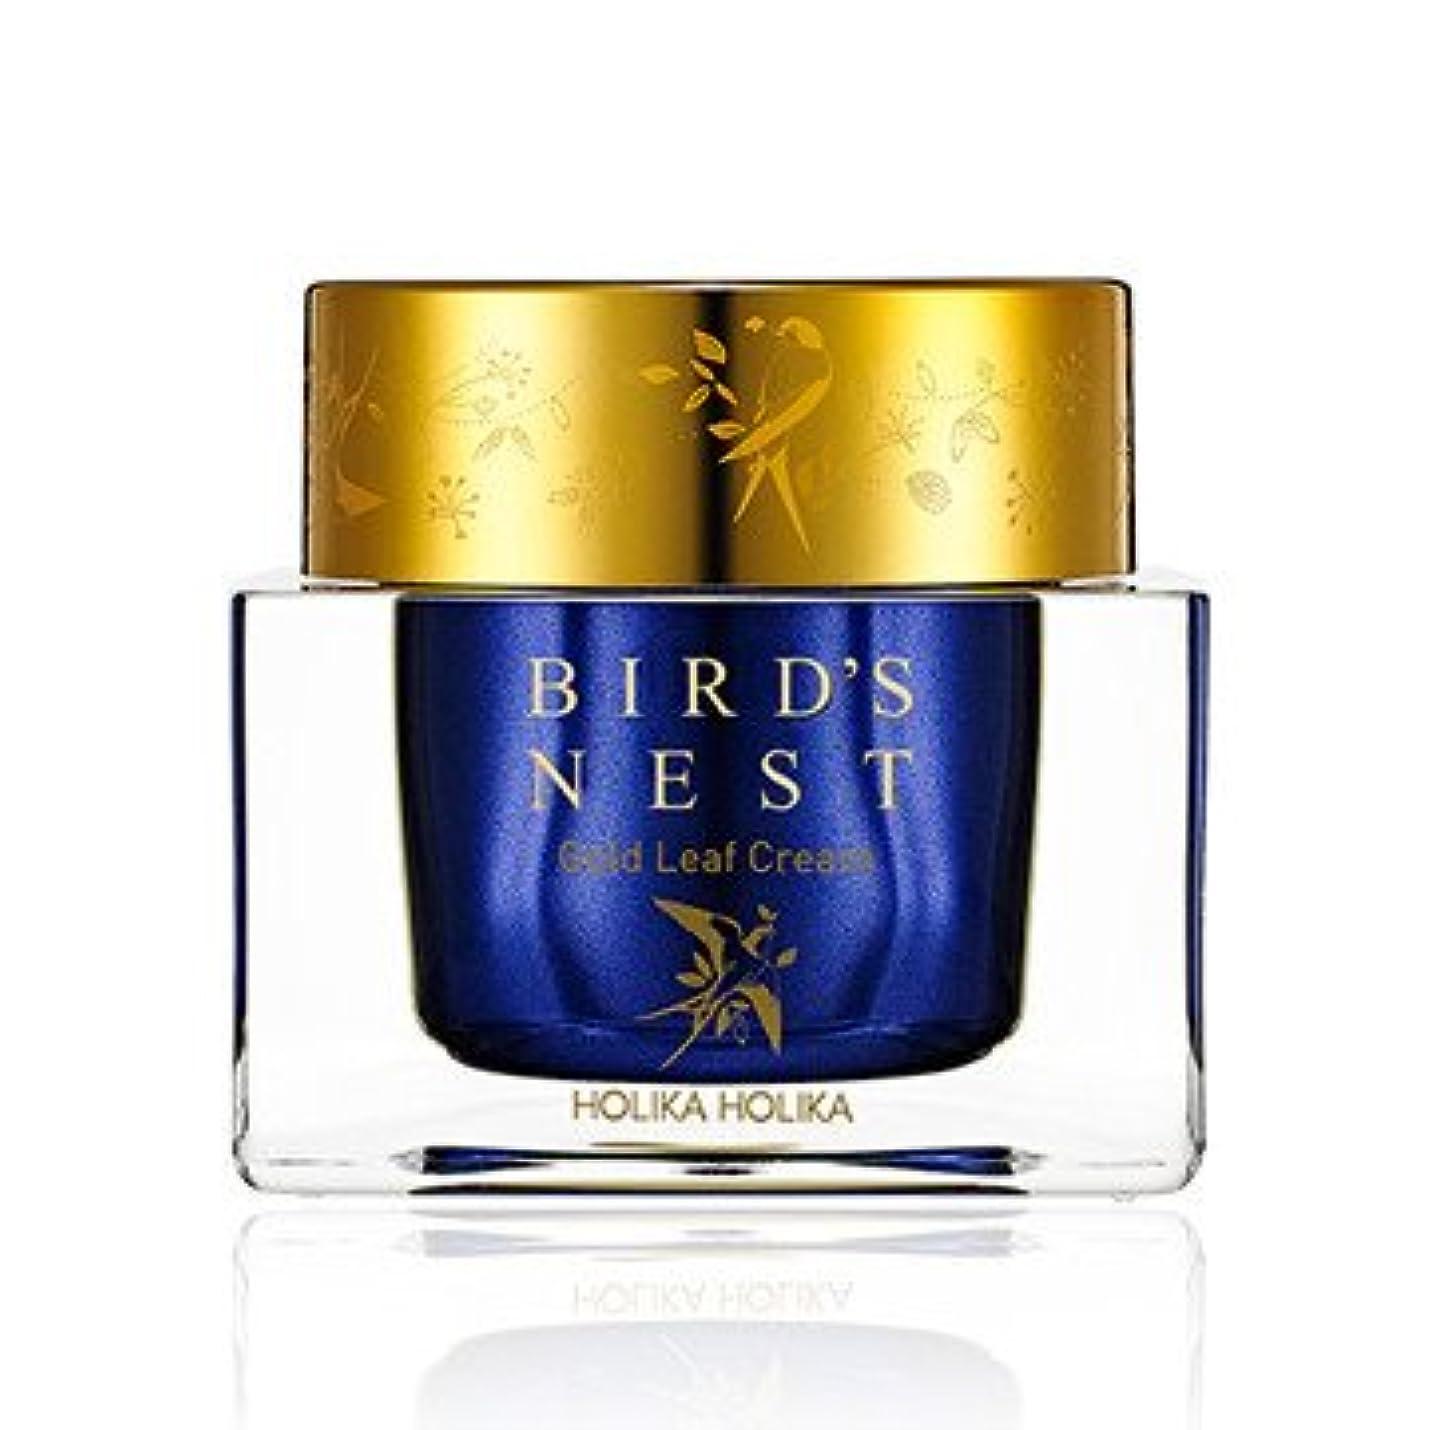 望み着替えるやめる[2018 NEW] ホリカホリカ プライムユース バーズネスト ゴールドリーフ クリーム/Holika Holika Prime Youth Birds Nest Gold Leaf Cream 55ml [並行輸入品]